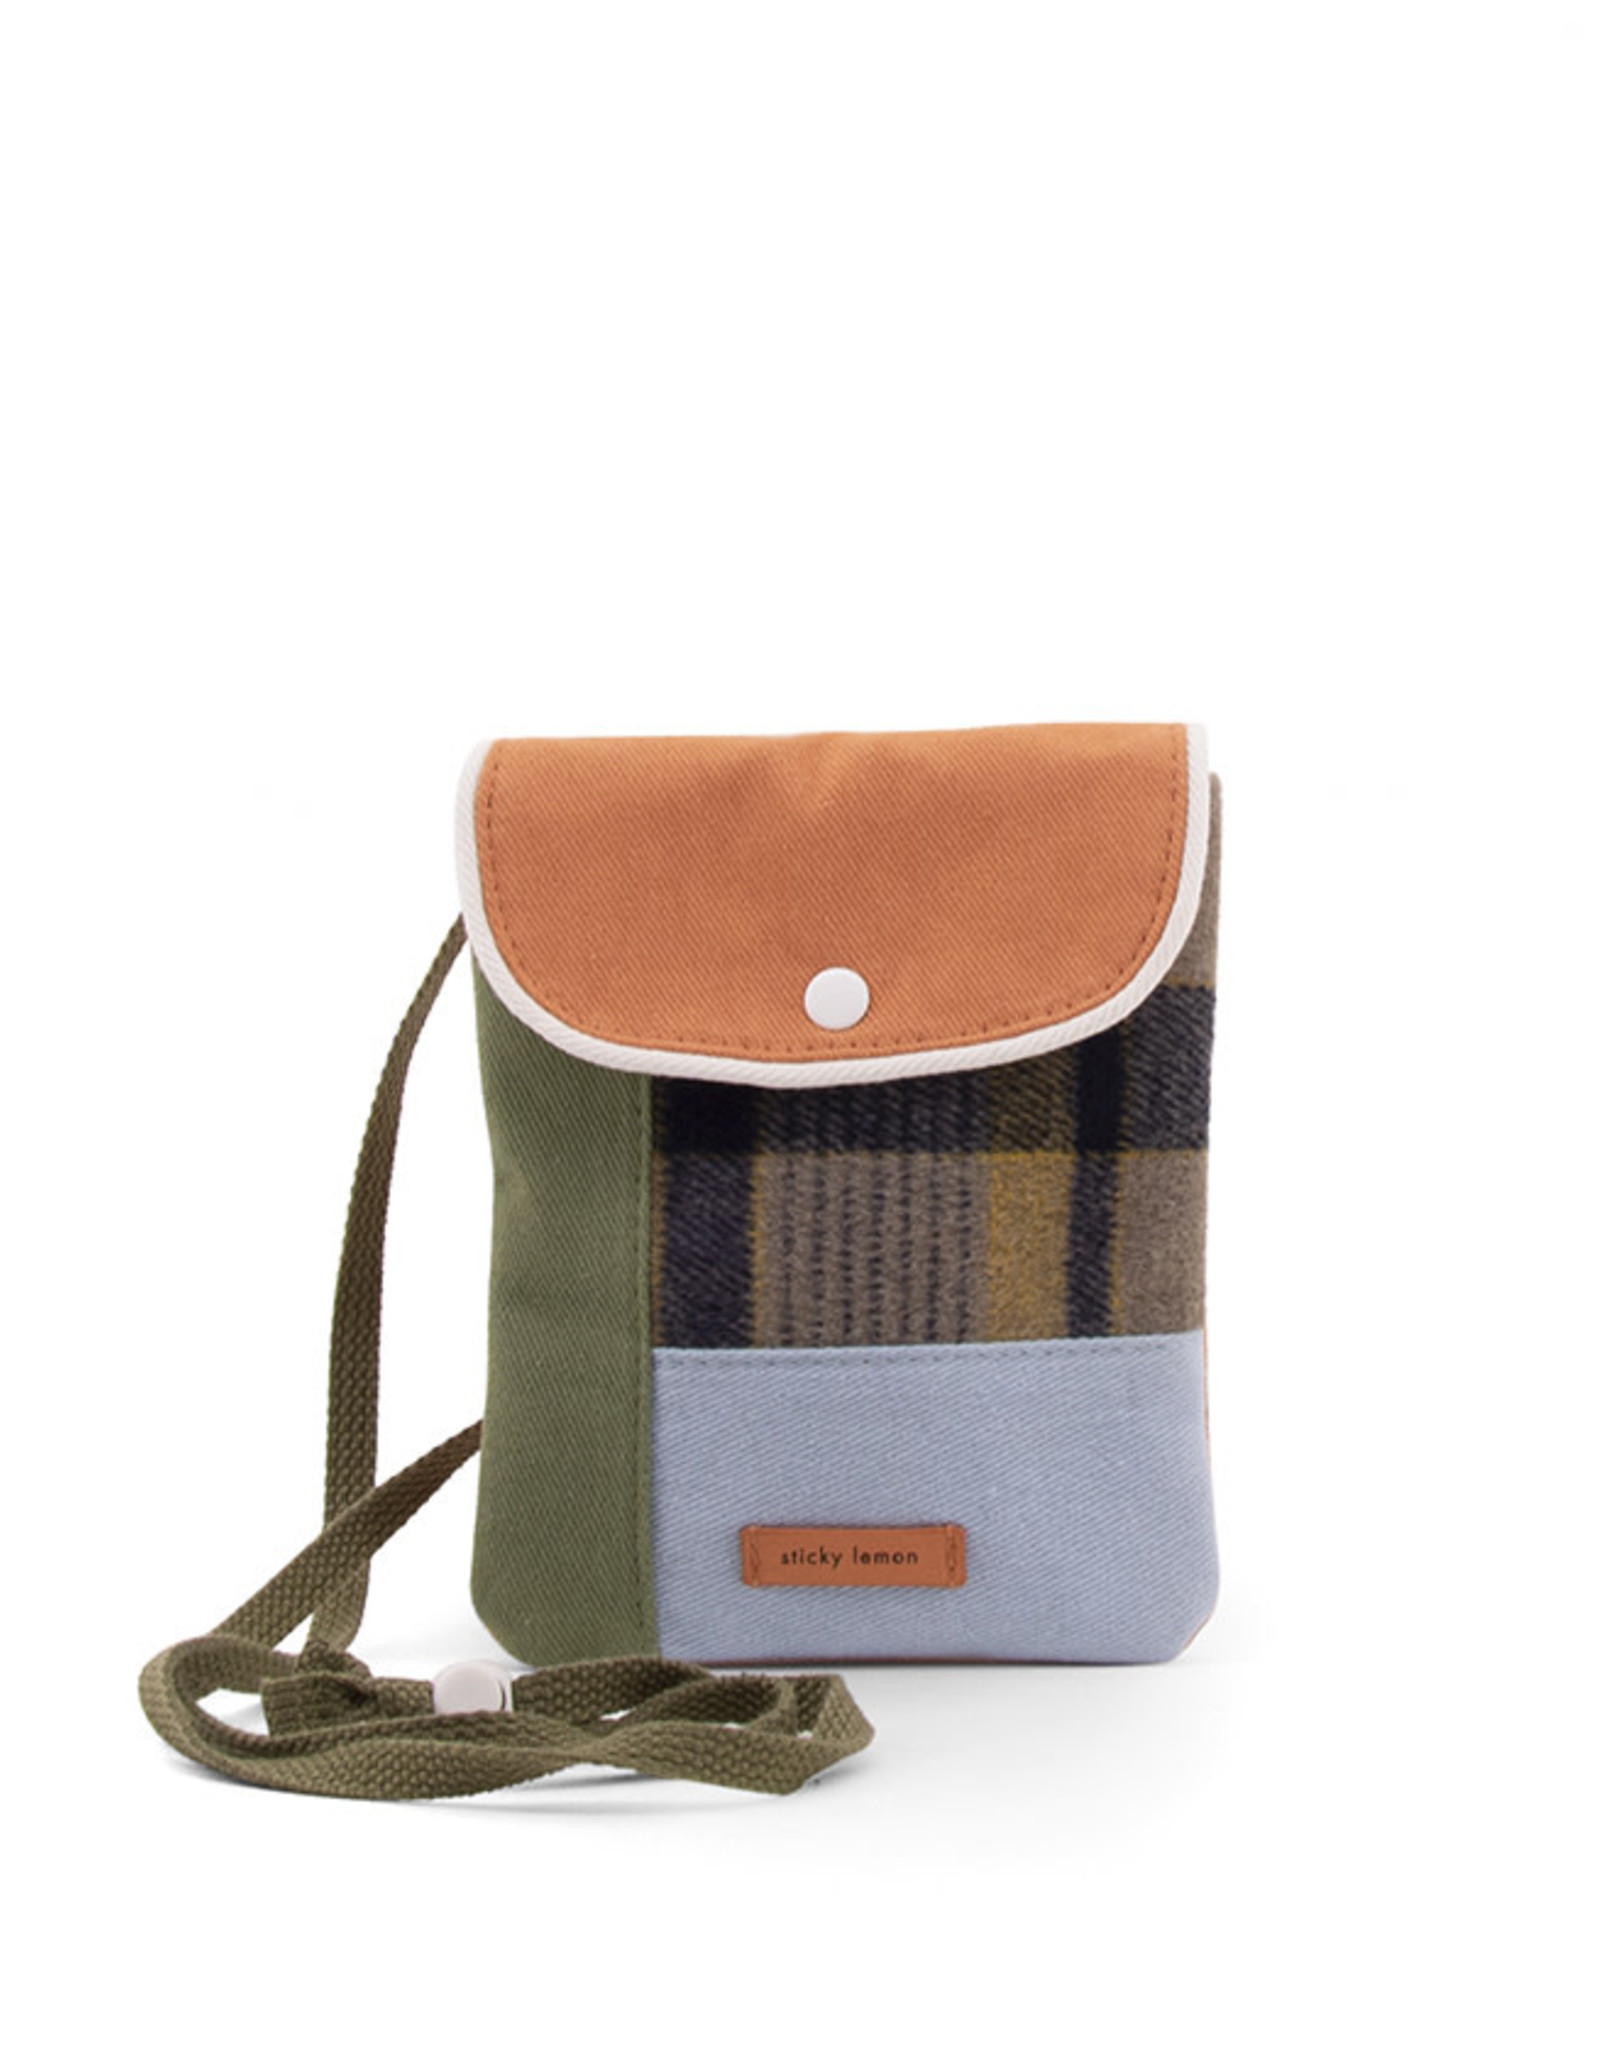 Sticky Lemon Wallet Bag Wanderer-forest green checks